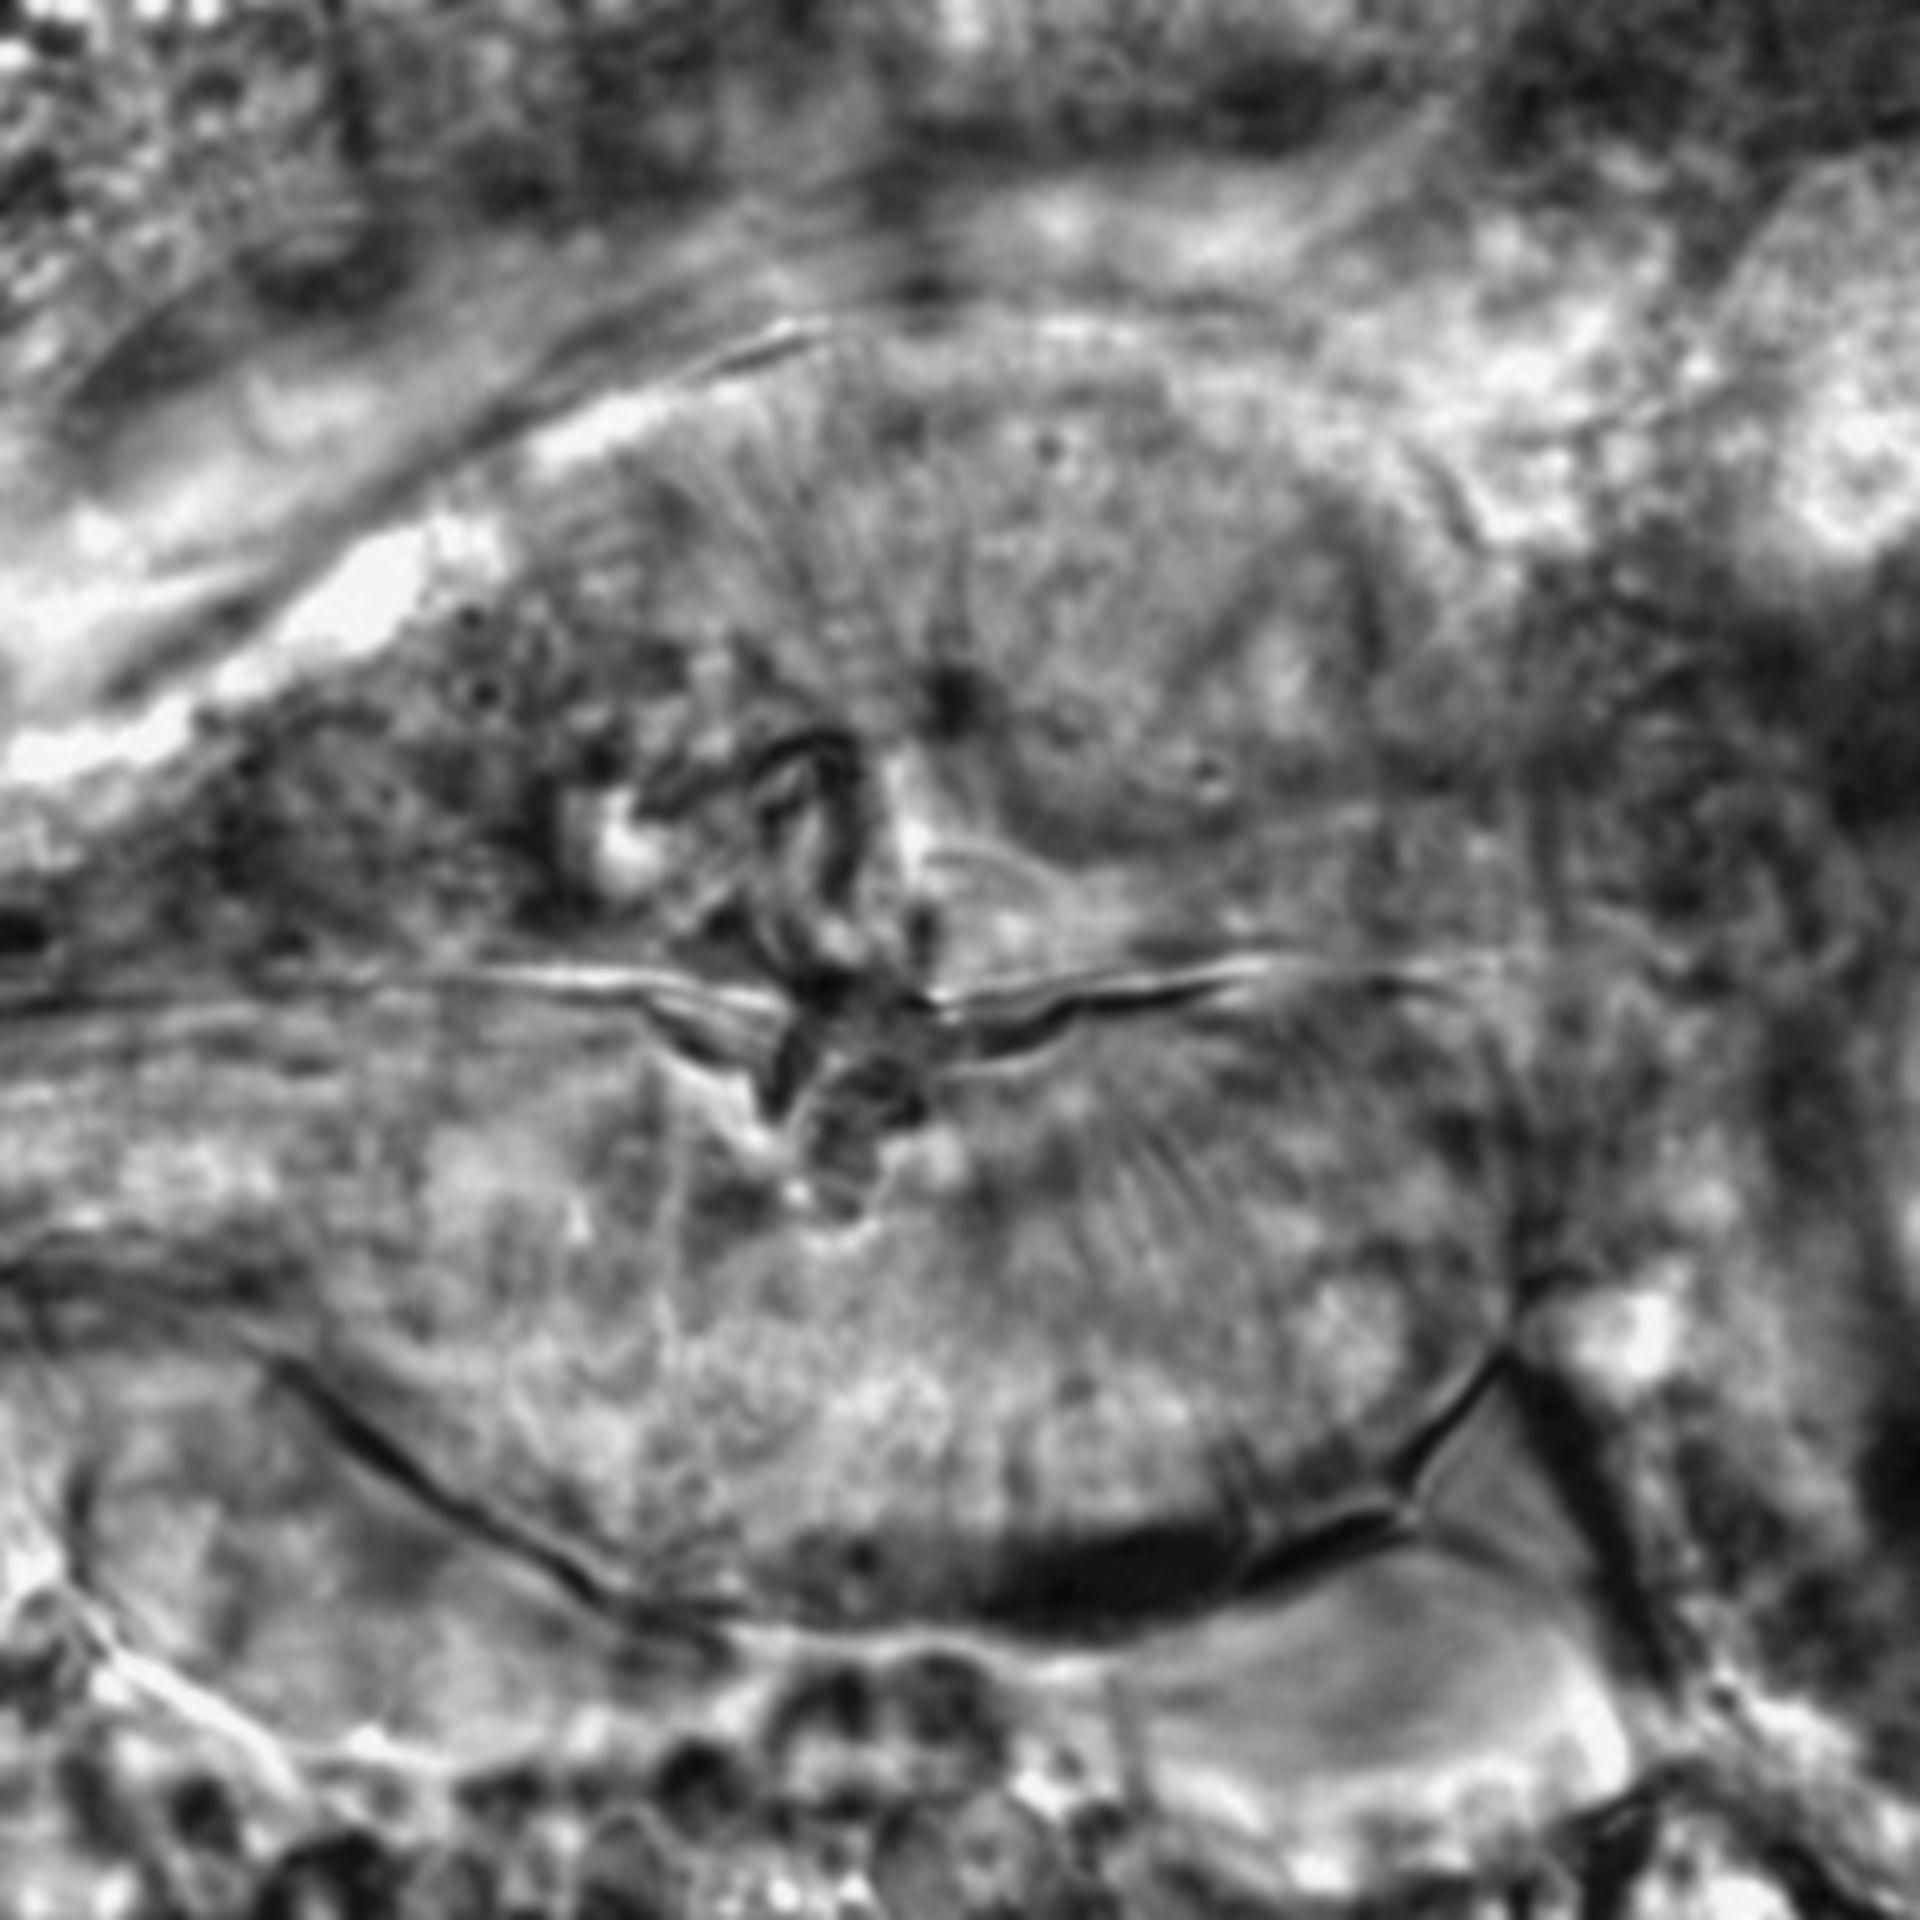 Caenorhabditis elegans - CIL:1999